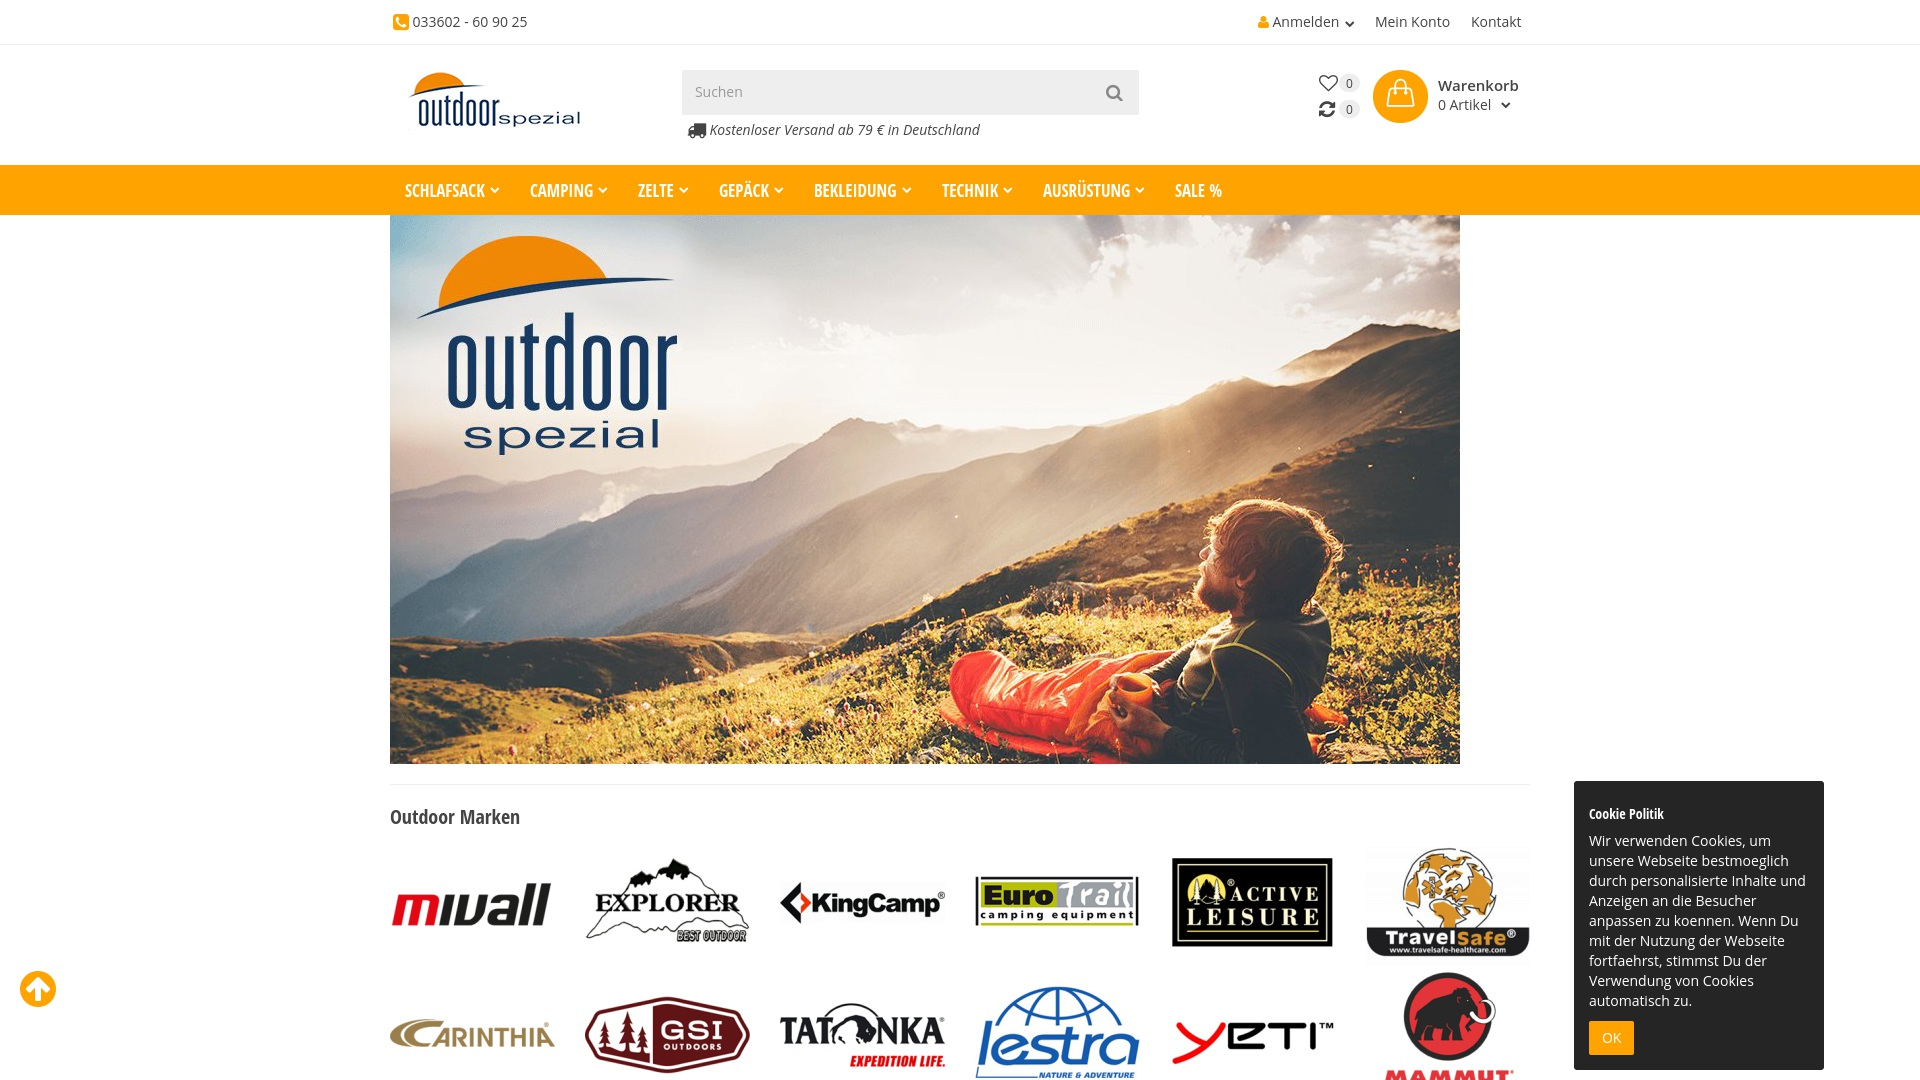 Gutschein für Outdoorspezial: Rabatte für Outdoorspezial sichern